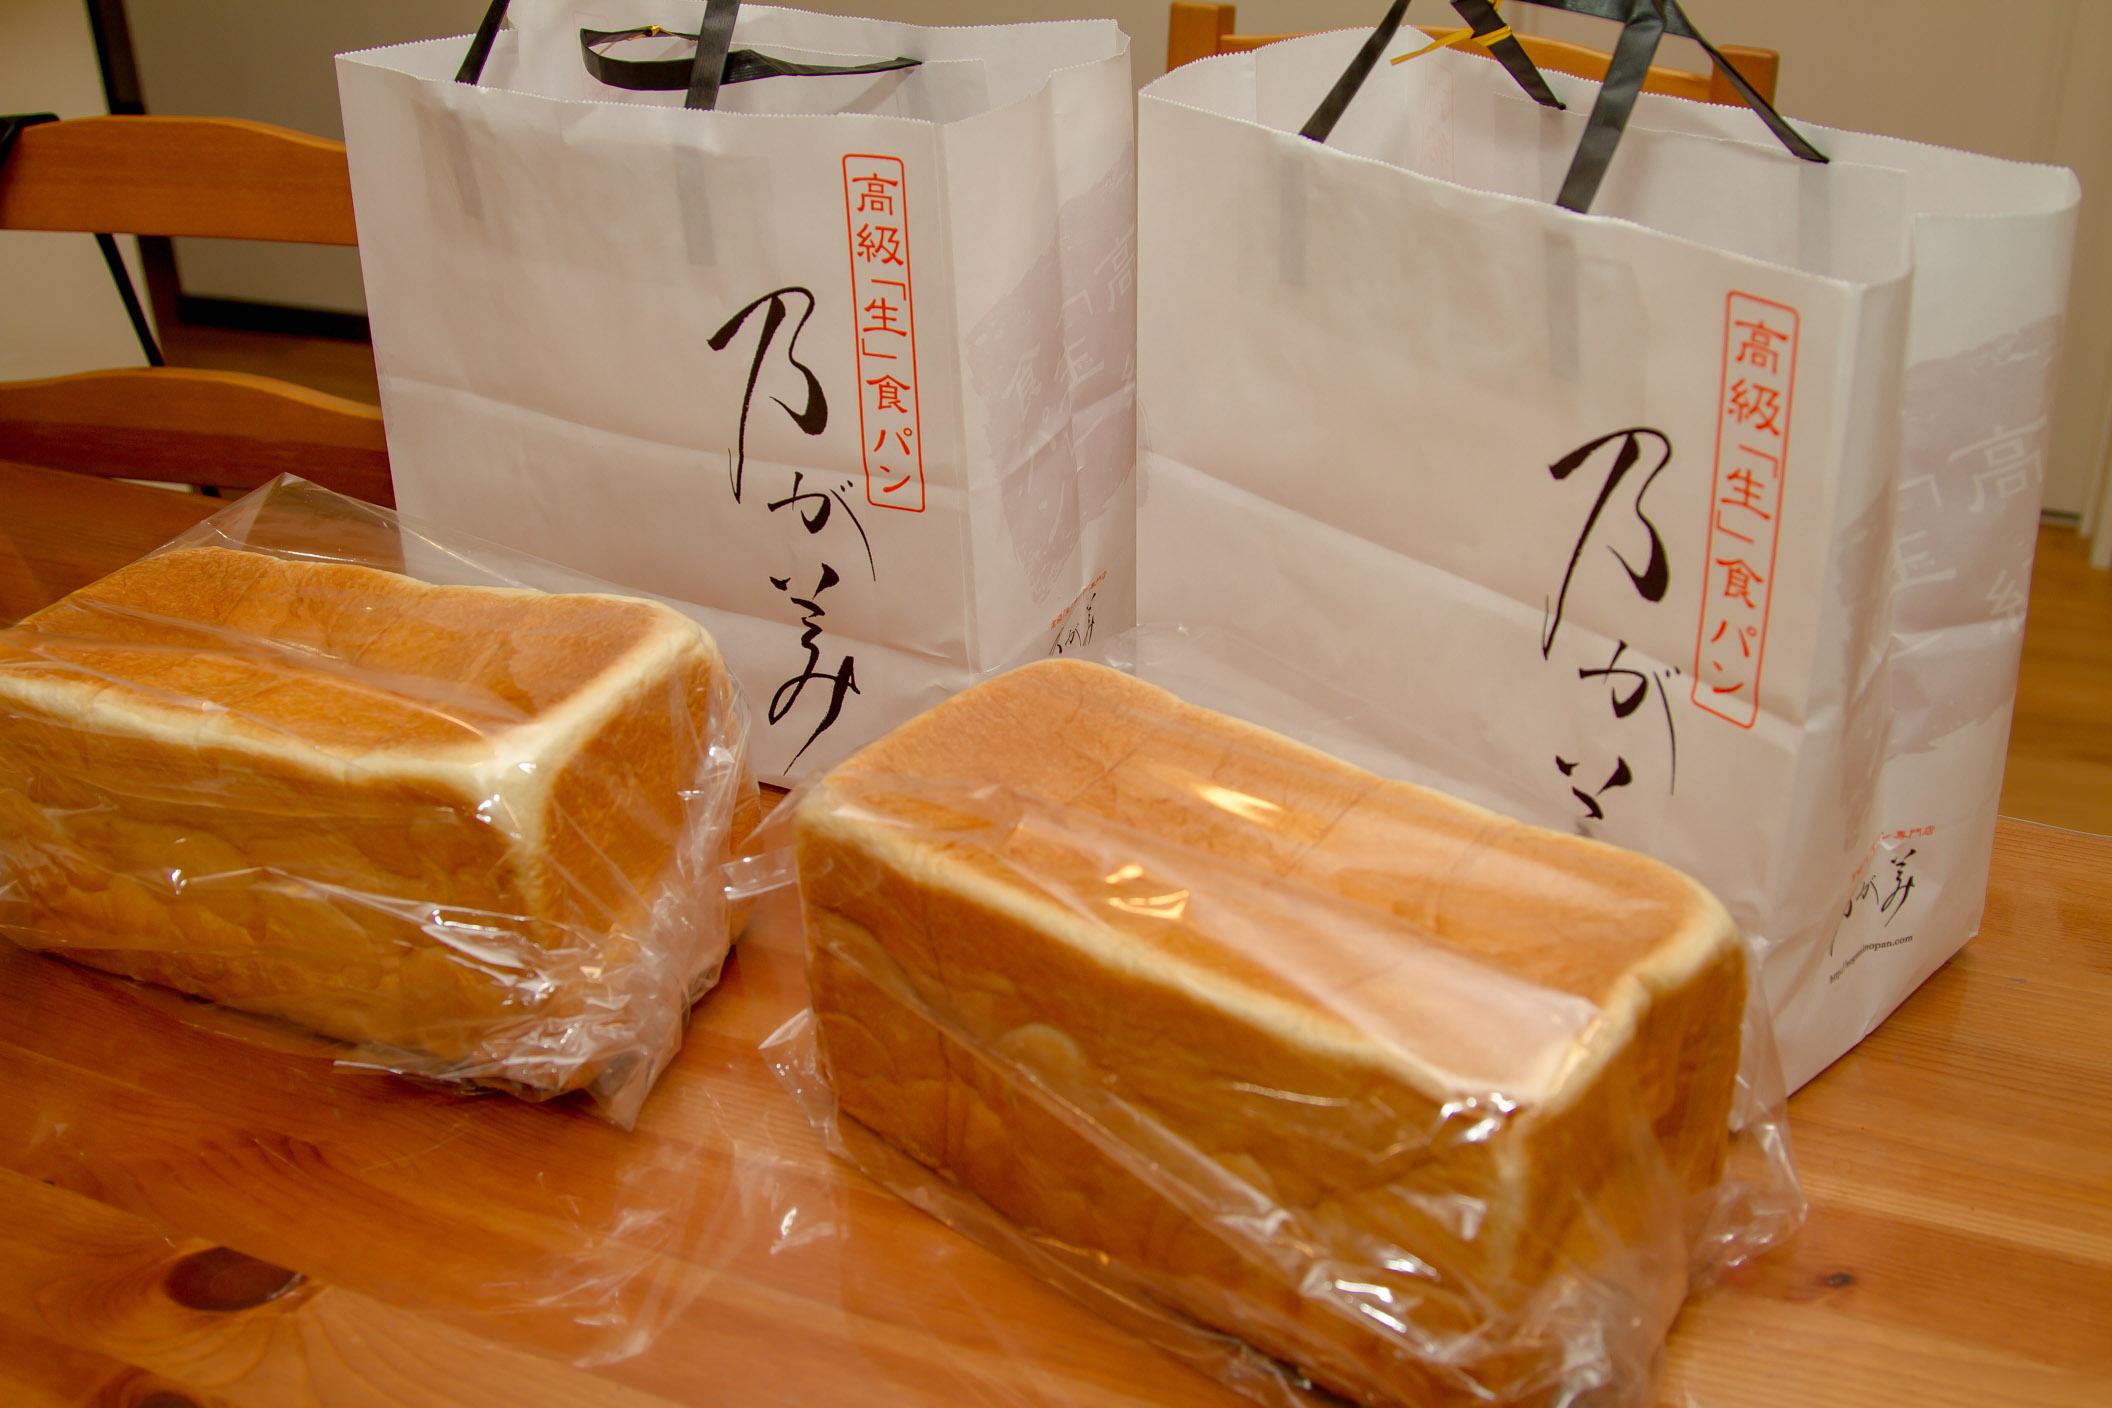 み 食パン が 値段 の